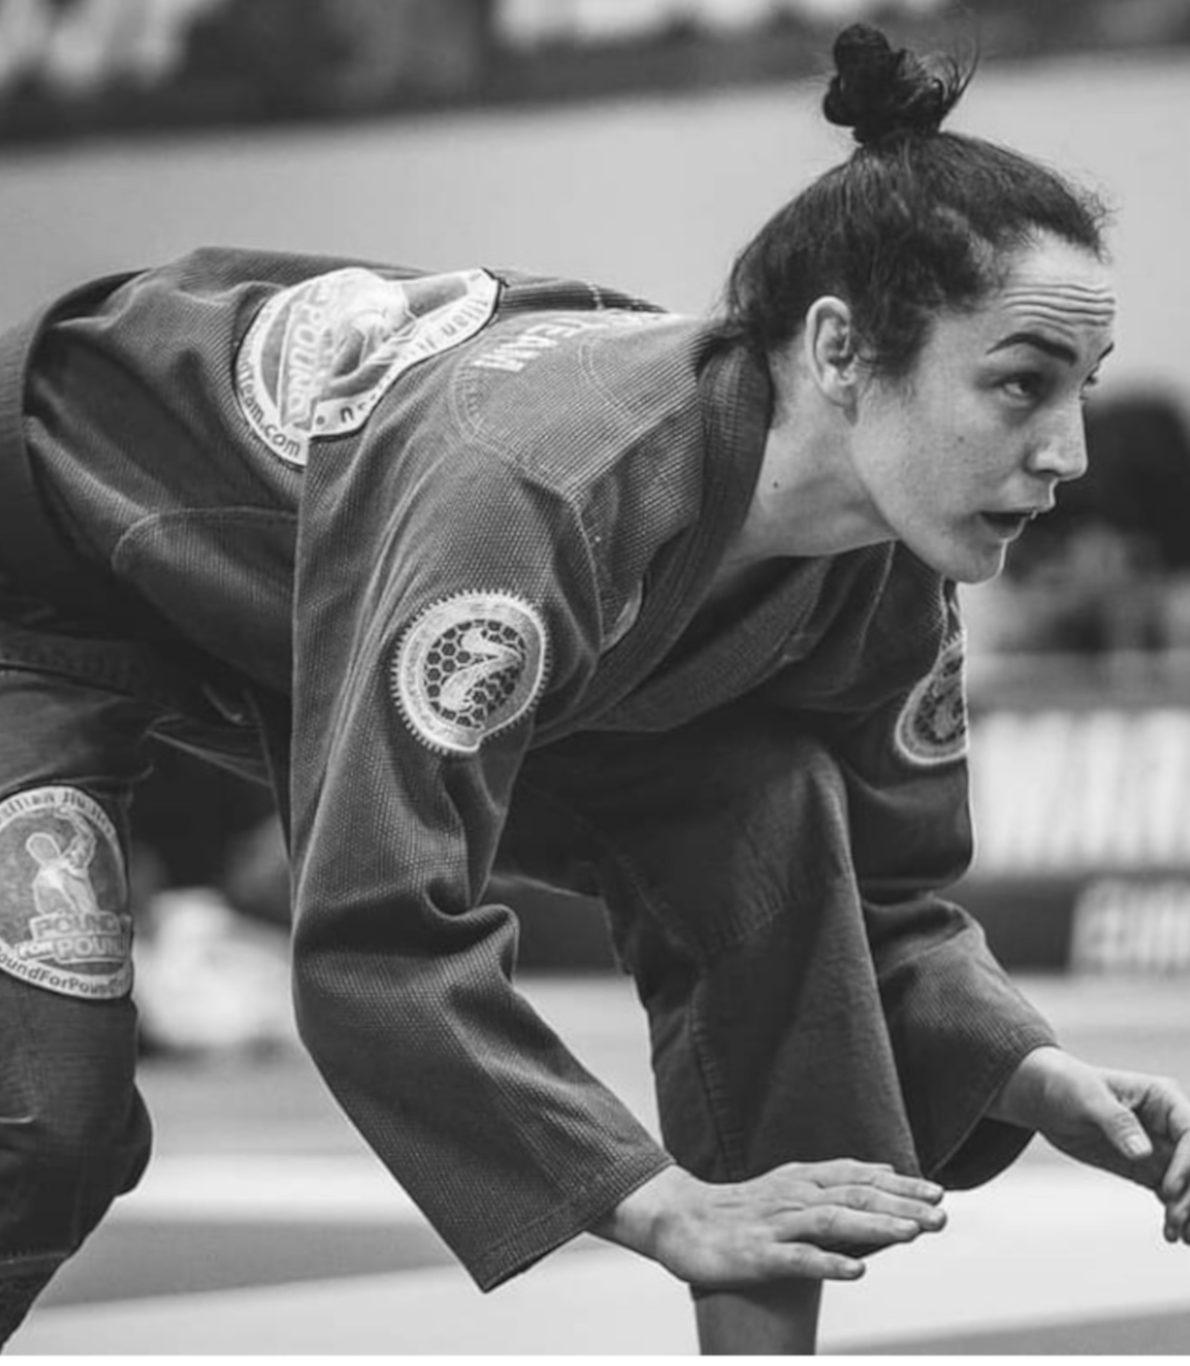 A atleta encontra-se a focar o adversário e adota uma postura com pernas contraídas e costas paralelas ao chão.